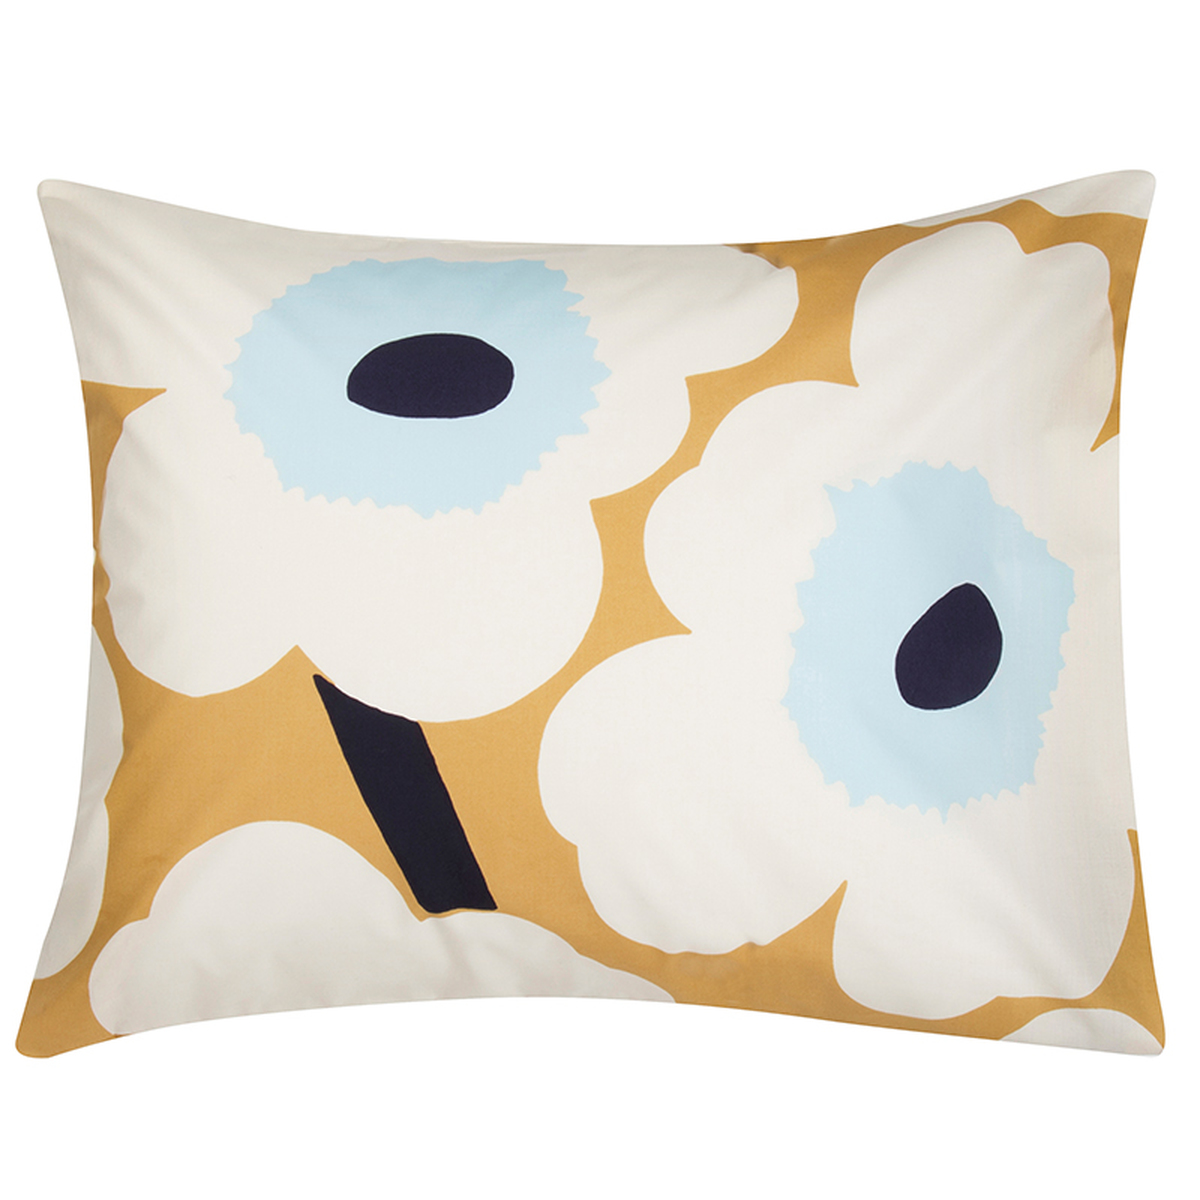 Marimekko Unikko Pillowcase, Beige-Off-White-Blue